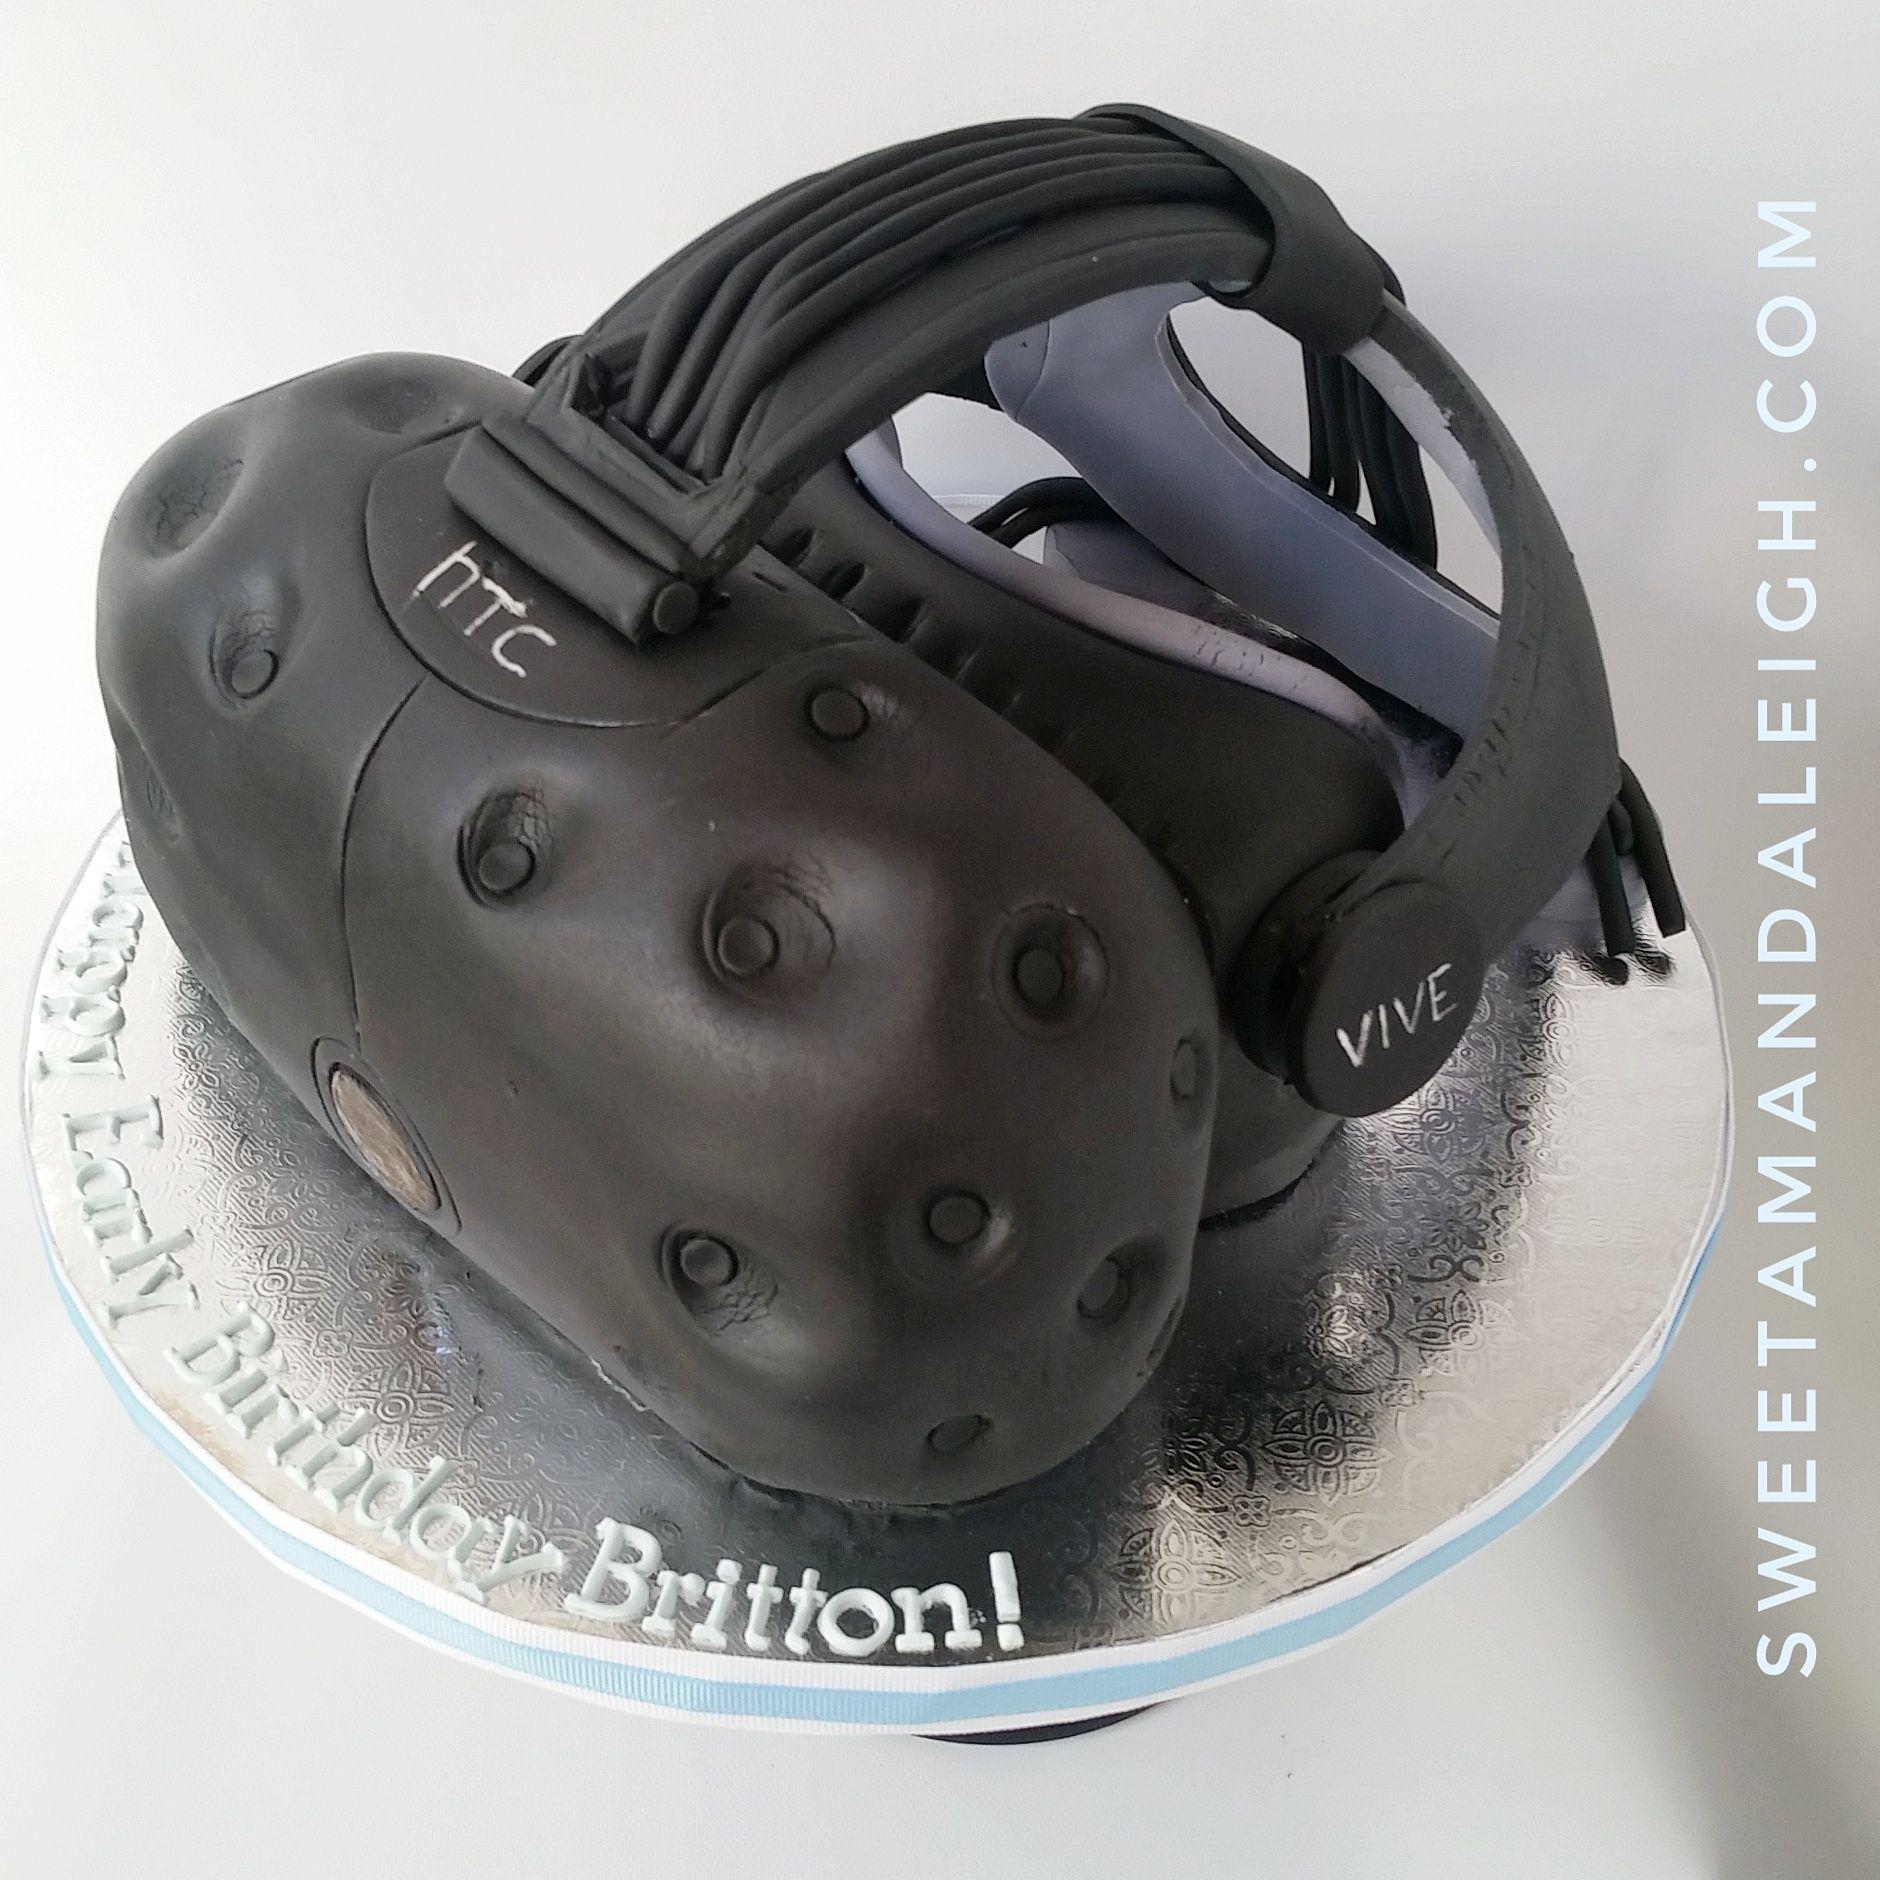 Virtual Reality Birthday Cake Mascot Cartoon Stock Vector